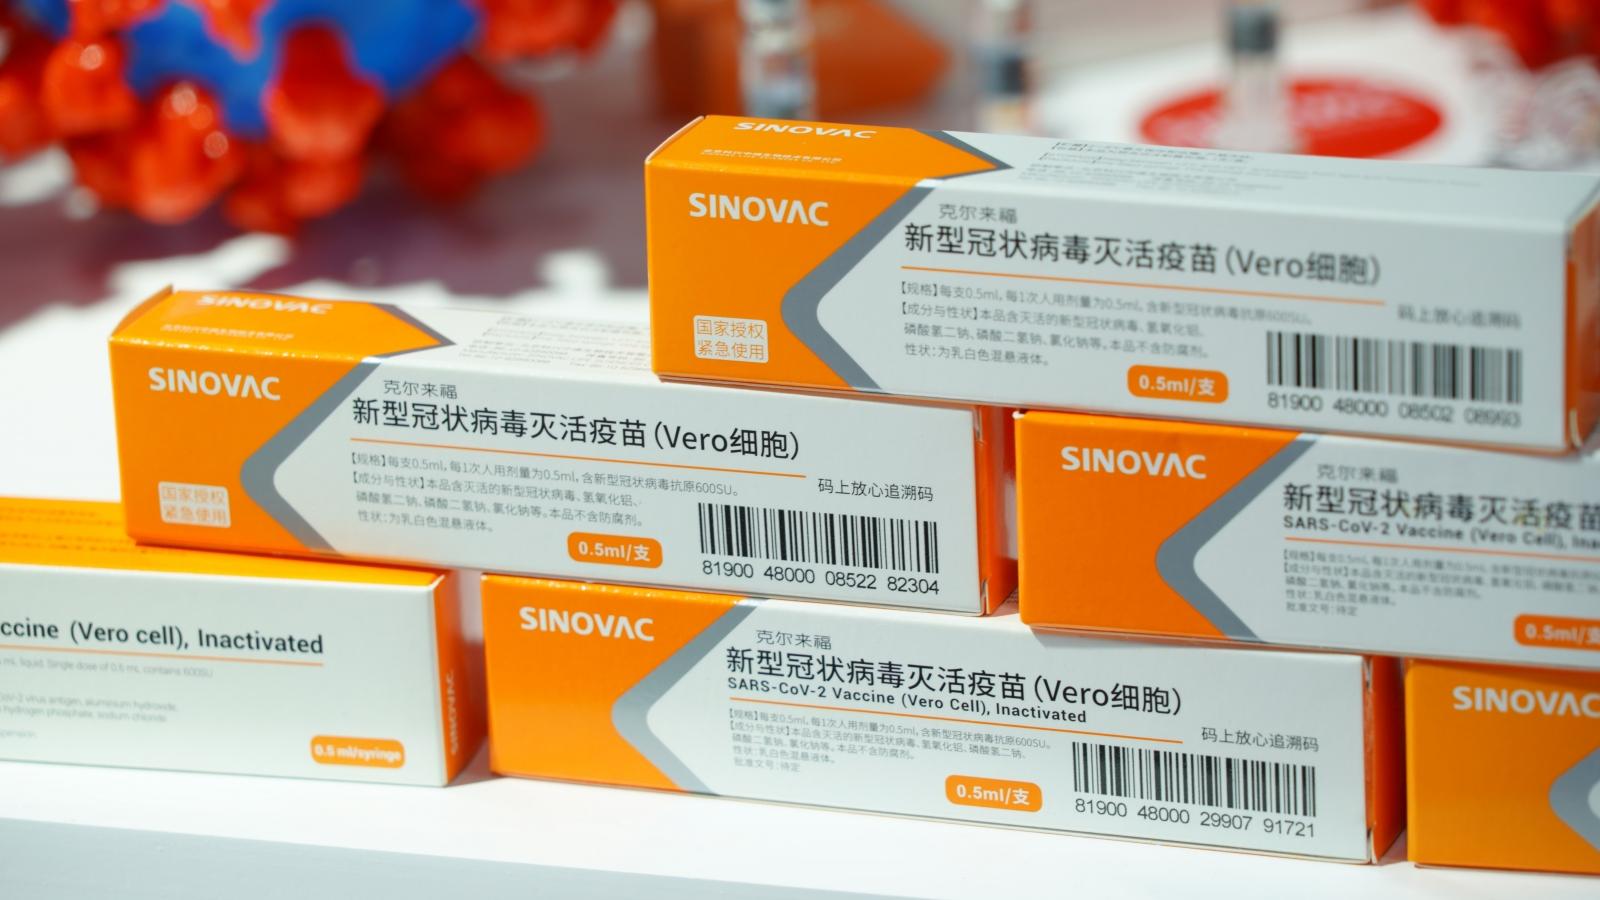 Nhiều người Trung Quốc ủng hộ tiêm vaccine Covid-19 sớm dù tính hiệu quả còn bỏ ngỏ